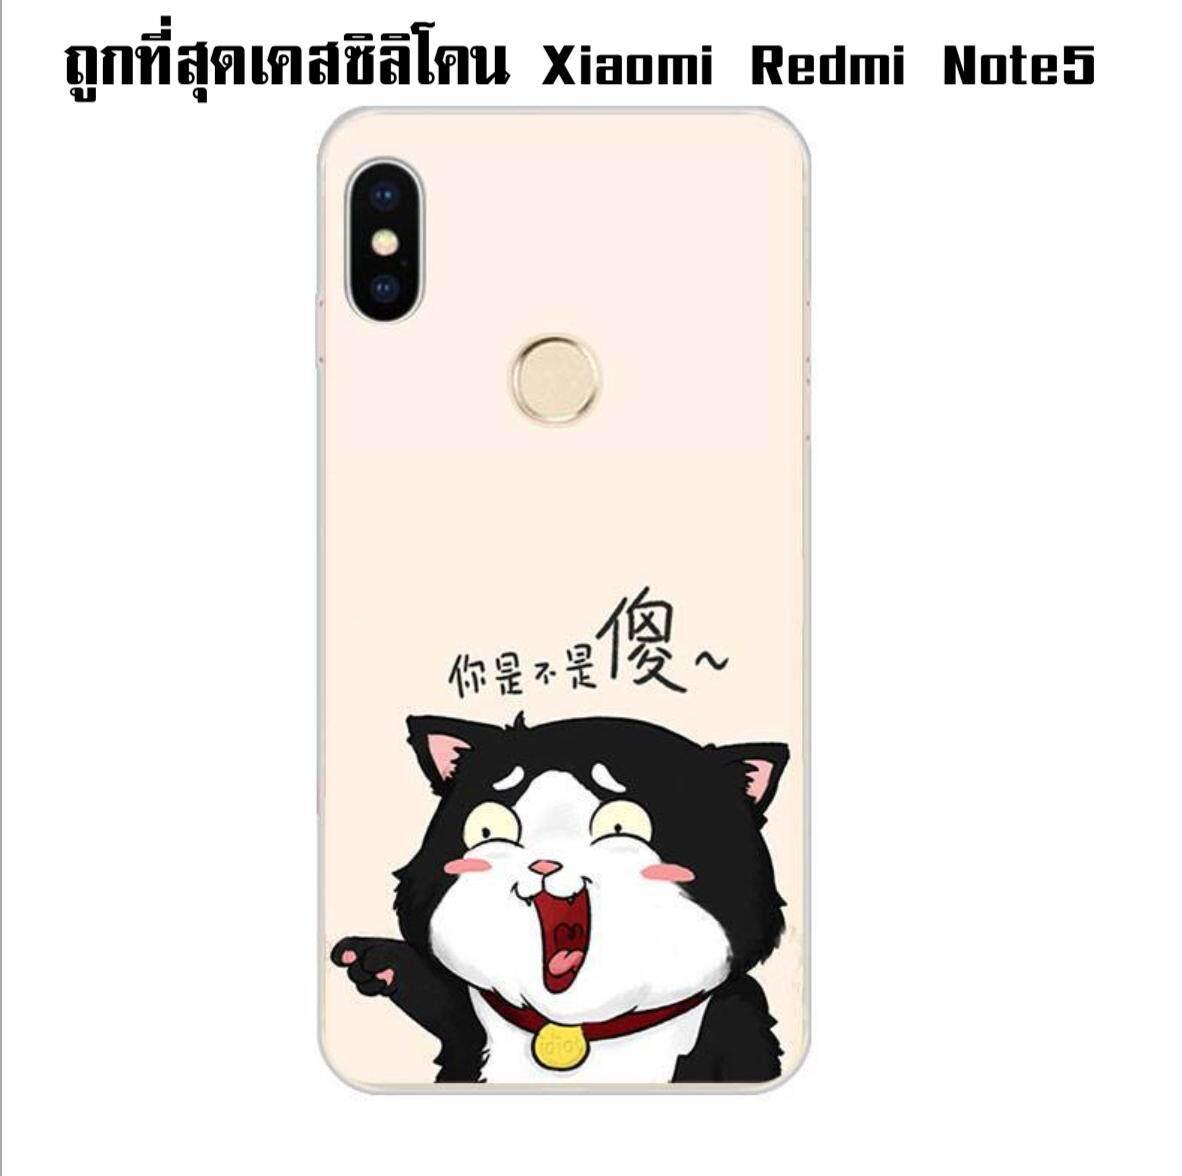 ขายดีมาก! ส่งฟรี kerry เก็บเงินปลายทาง ถูกที่สุด พร้อมส่งจากไทย เคสซิลิโคน ลายสุดน่ารัก พิมพ์สีสวยงาม Xiaomi Redmin Note5 Note 5 #เคส #redmi #note5 #เคส #redminote5